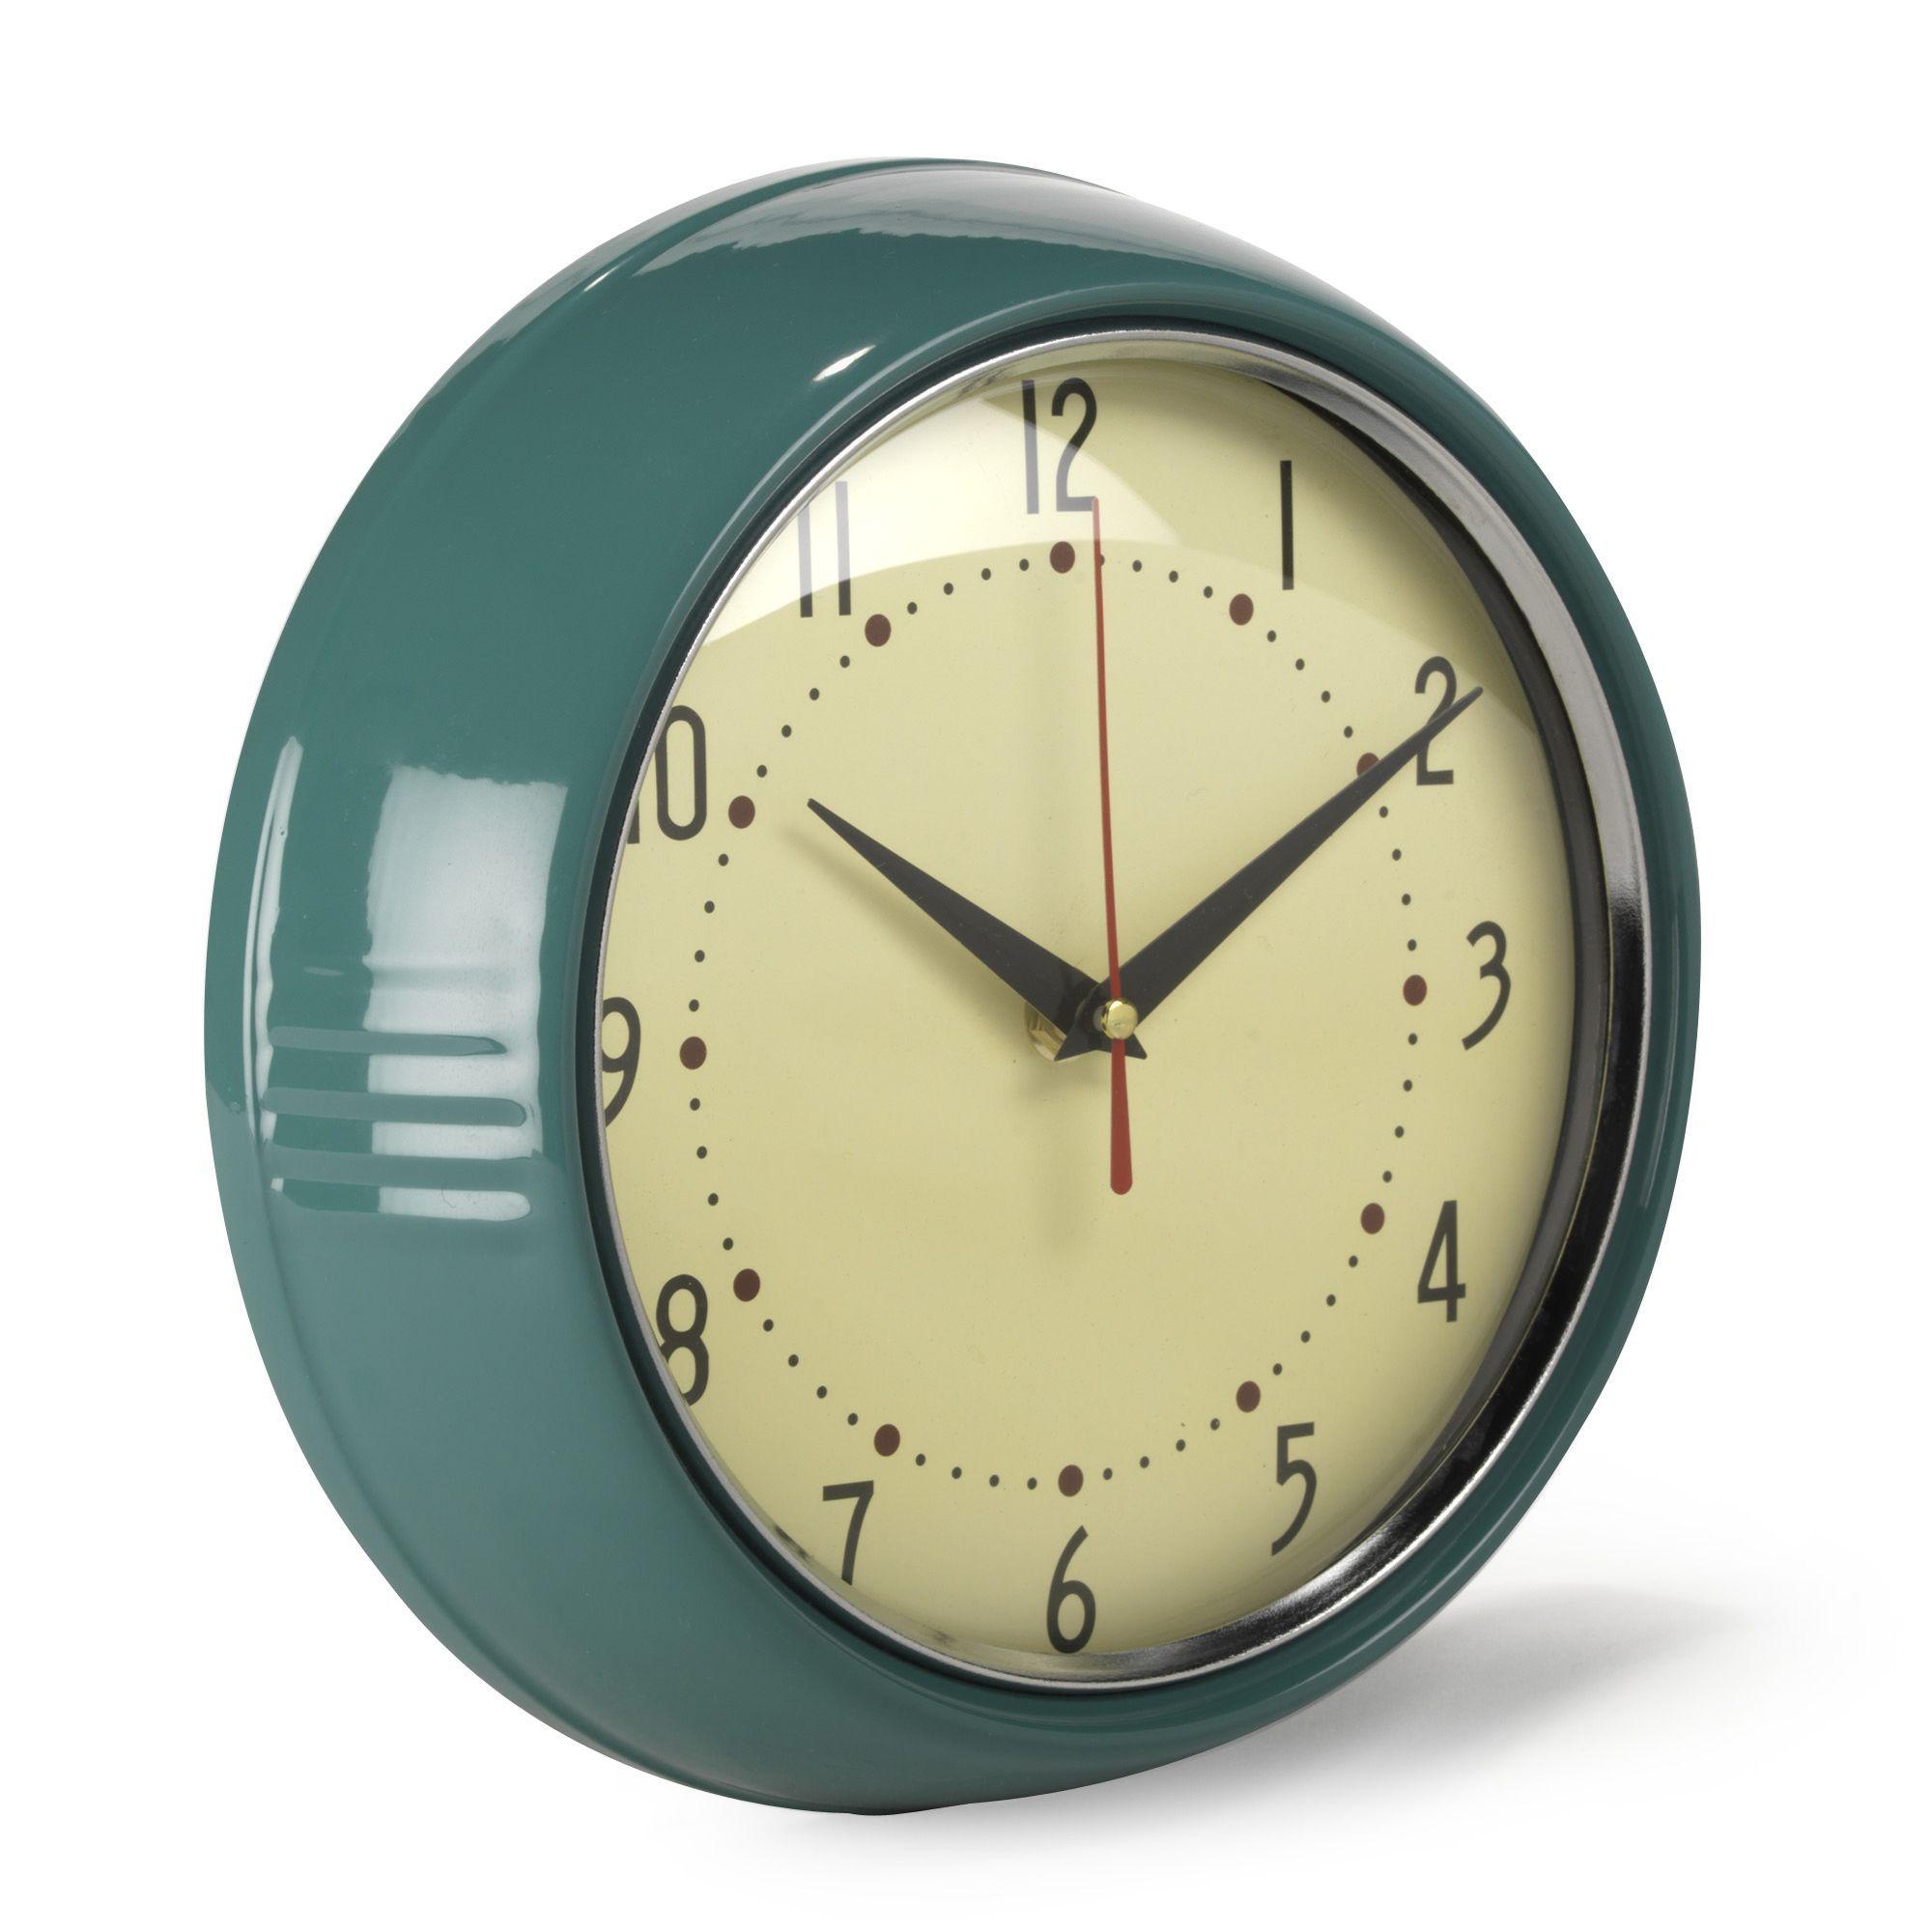 Horloge Murale Au Design Retro Vintage Horloges Horloges Reveils Toute La Deco Par Type De Produit Decorat Horloge Murale Parement Mural Horloge Vintage